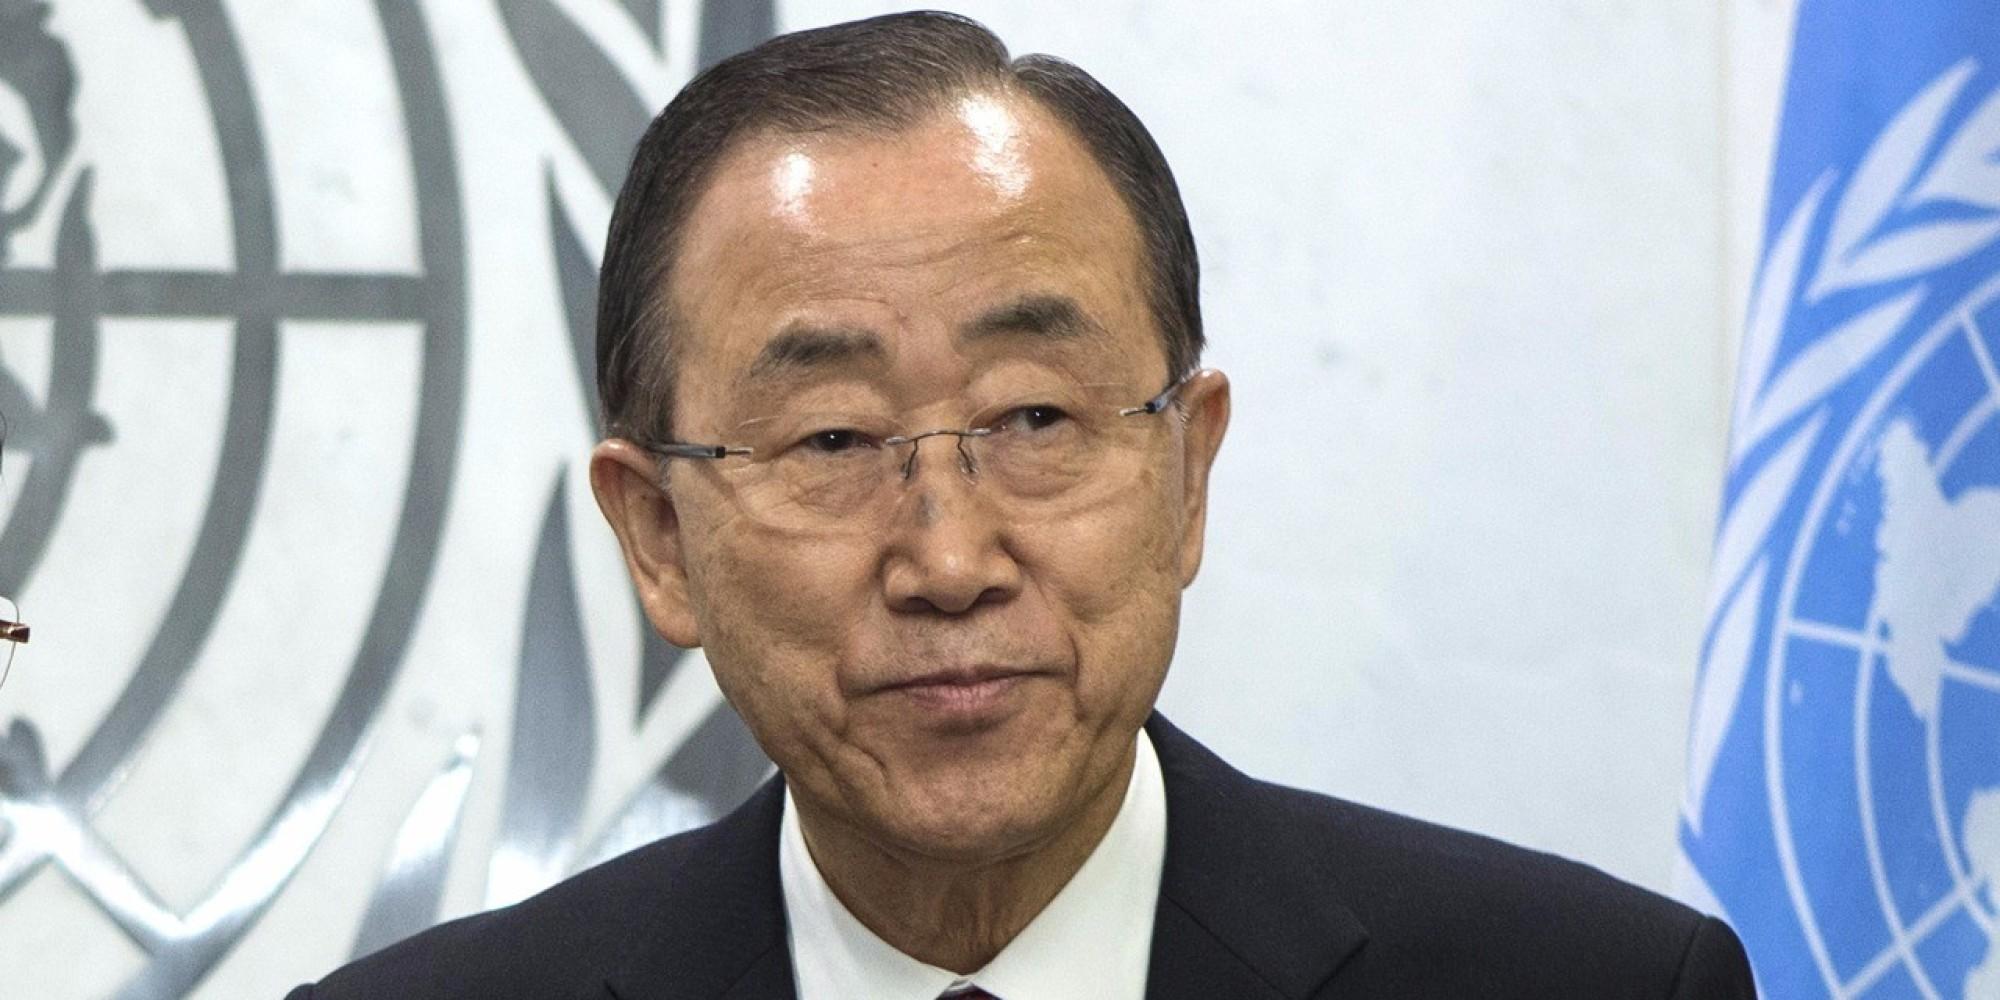 Voici l'ambition de Ban Ki Moon s'il quitte son poste à l'ONU